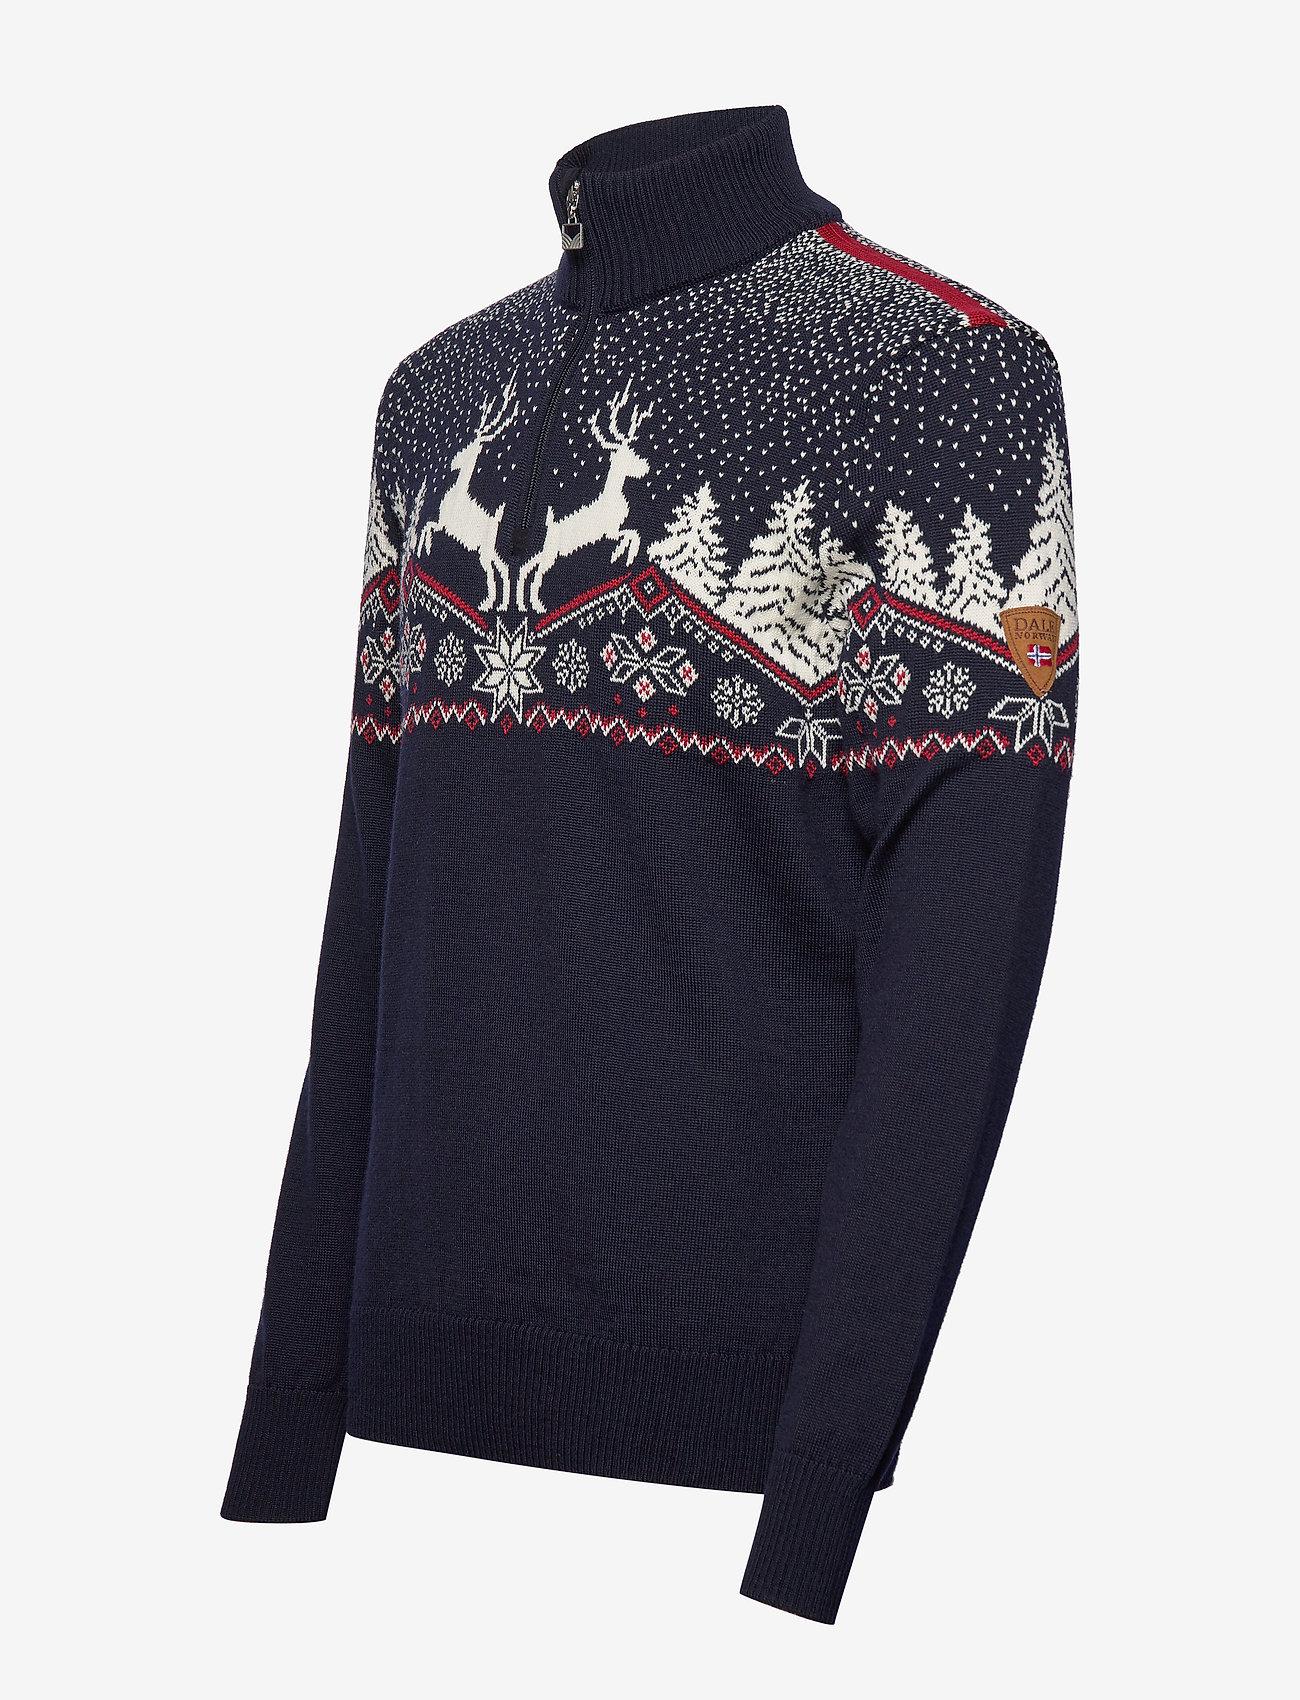 Dale of Norway Dale Christmas Masc Sweater - Strikkevarer REDROSE/OFFWHITE/NAVY - Menn Klær